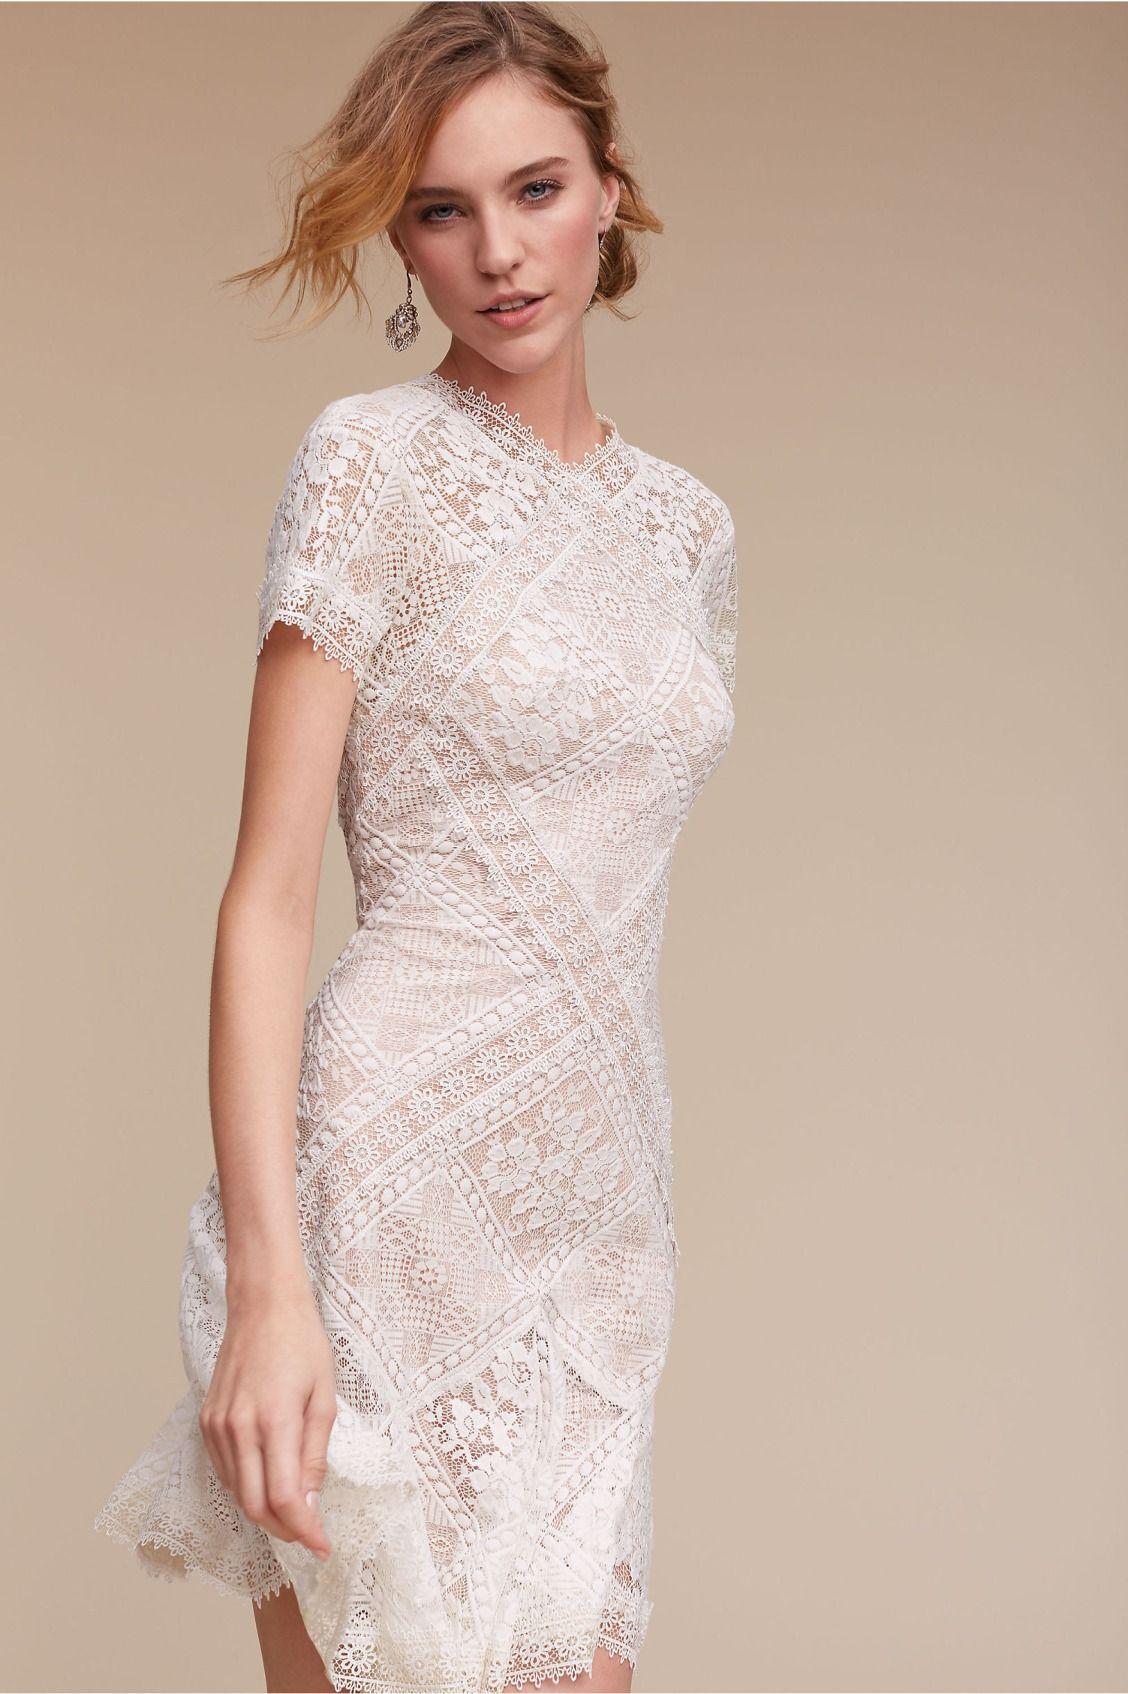 Modern and feminine hudson dress from bhldn all the frills